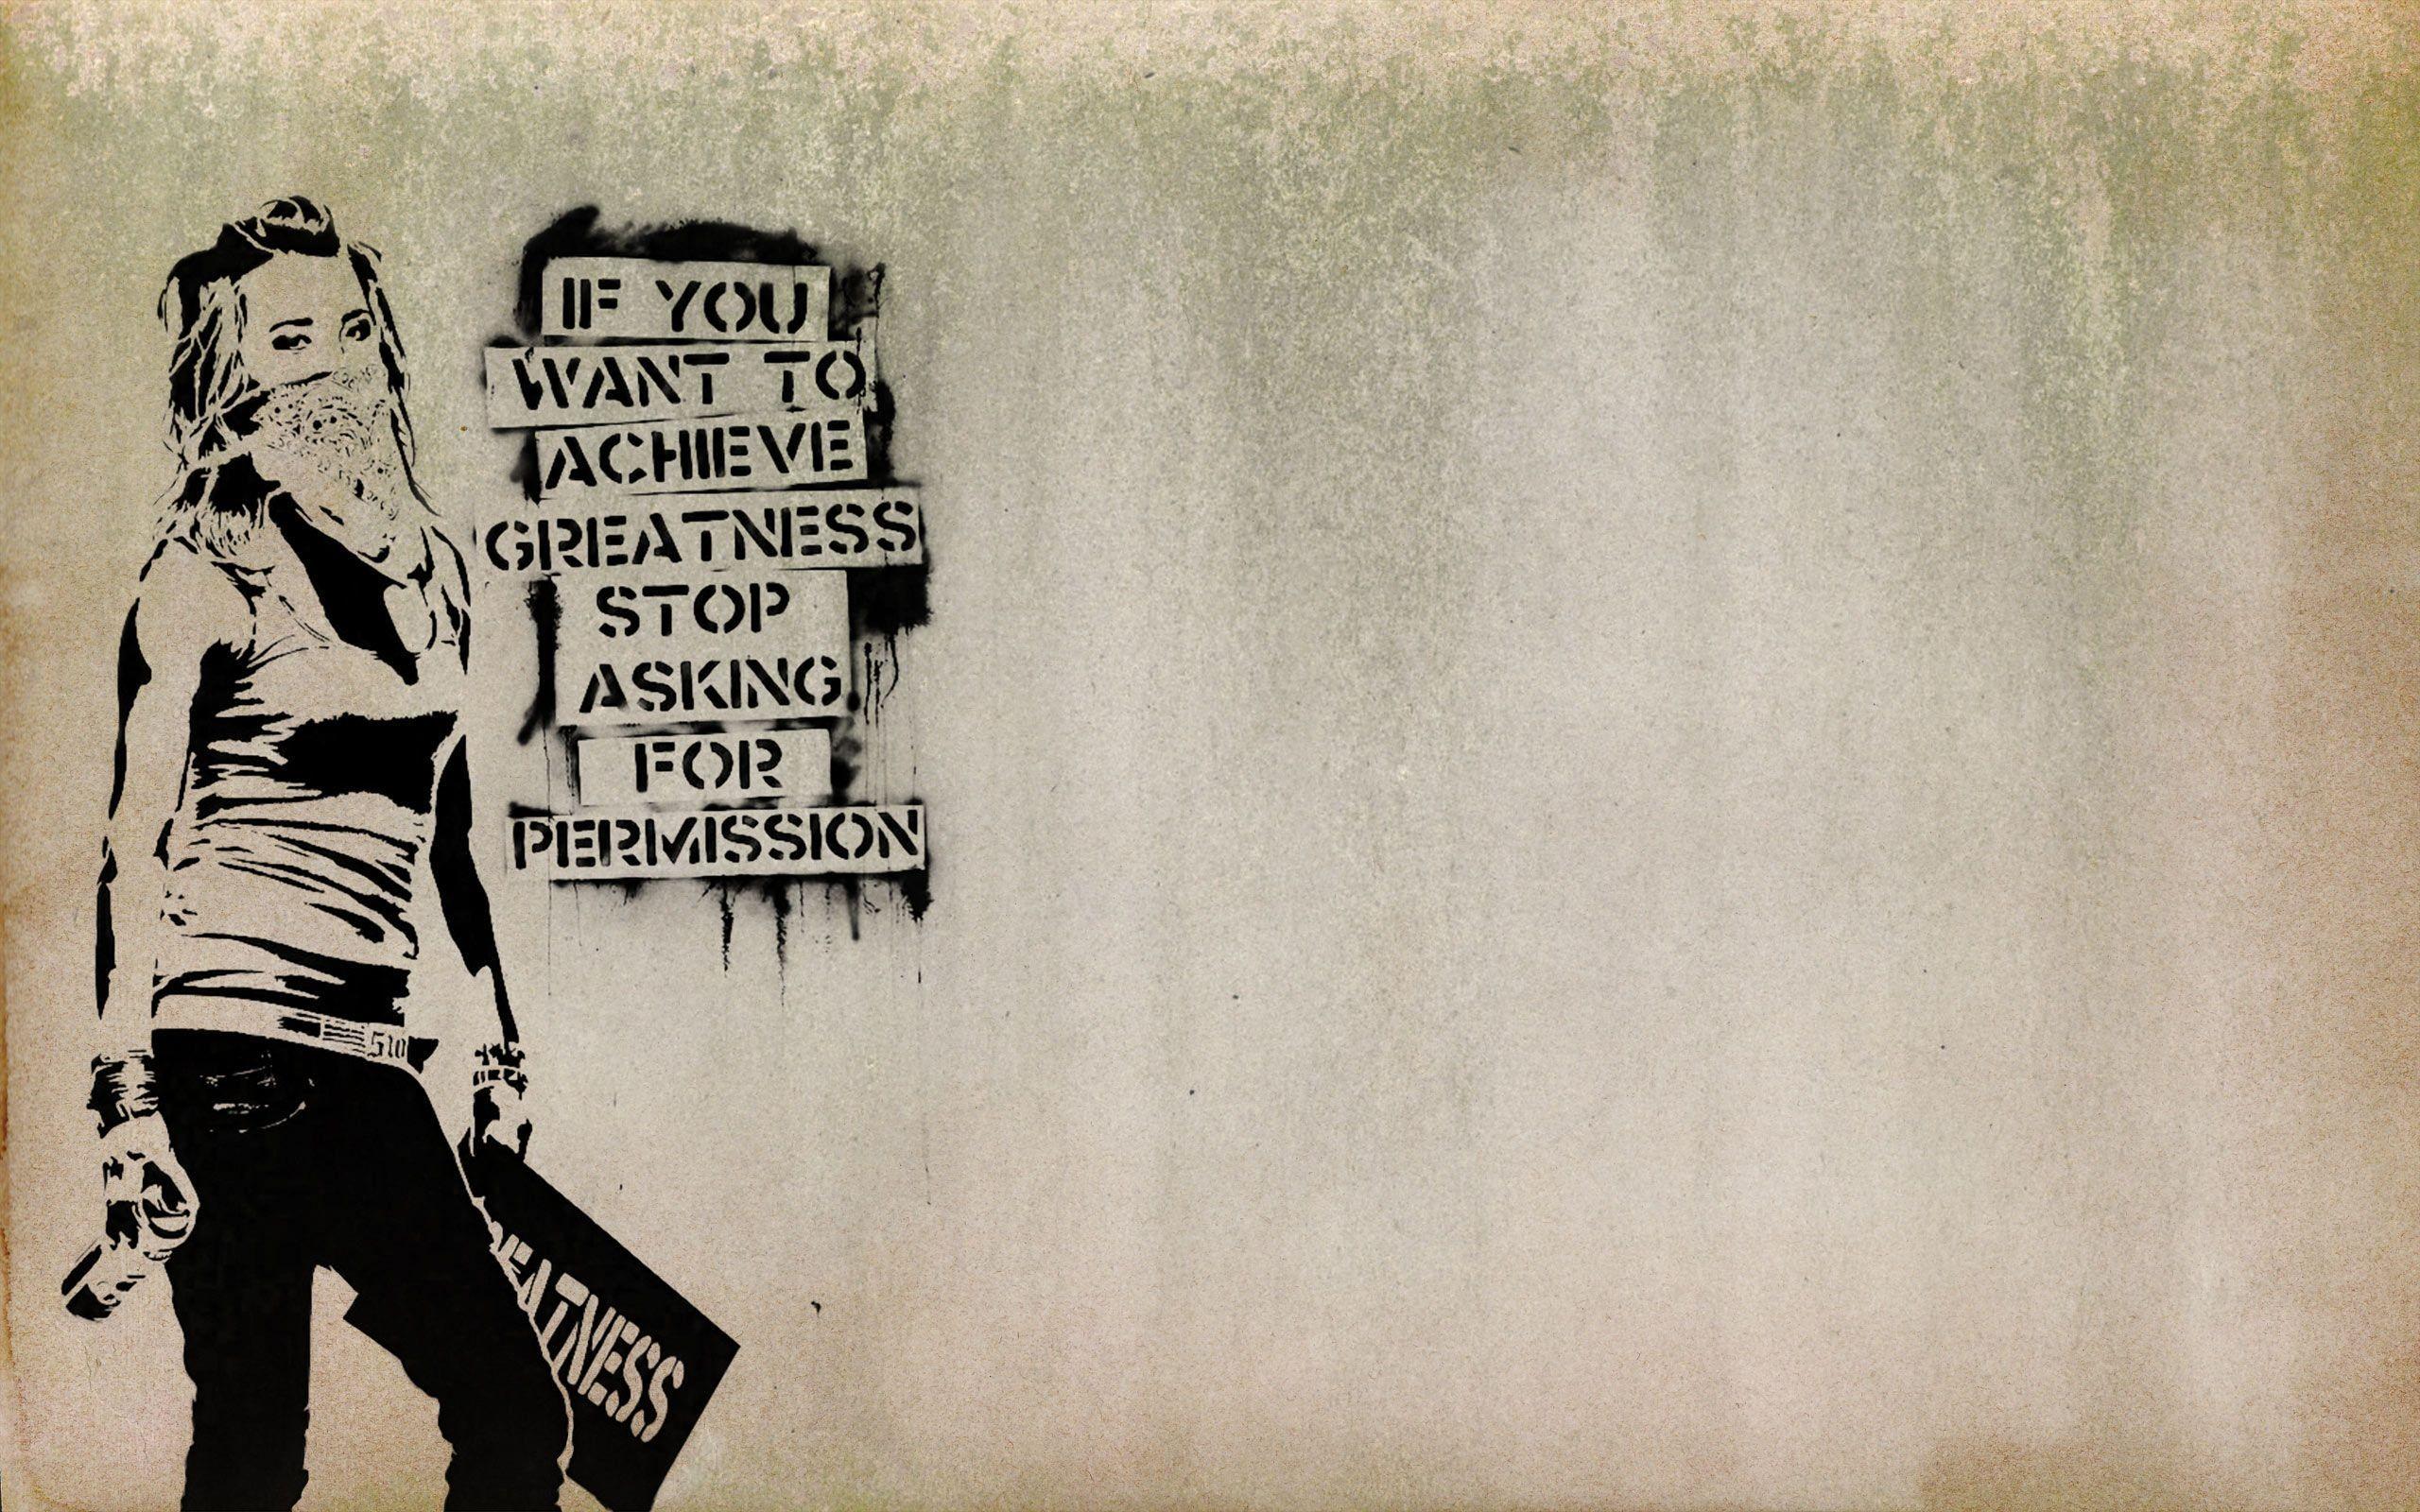 banksy graffiti quotes - HD2560×1600